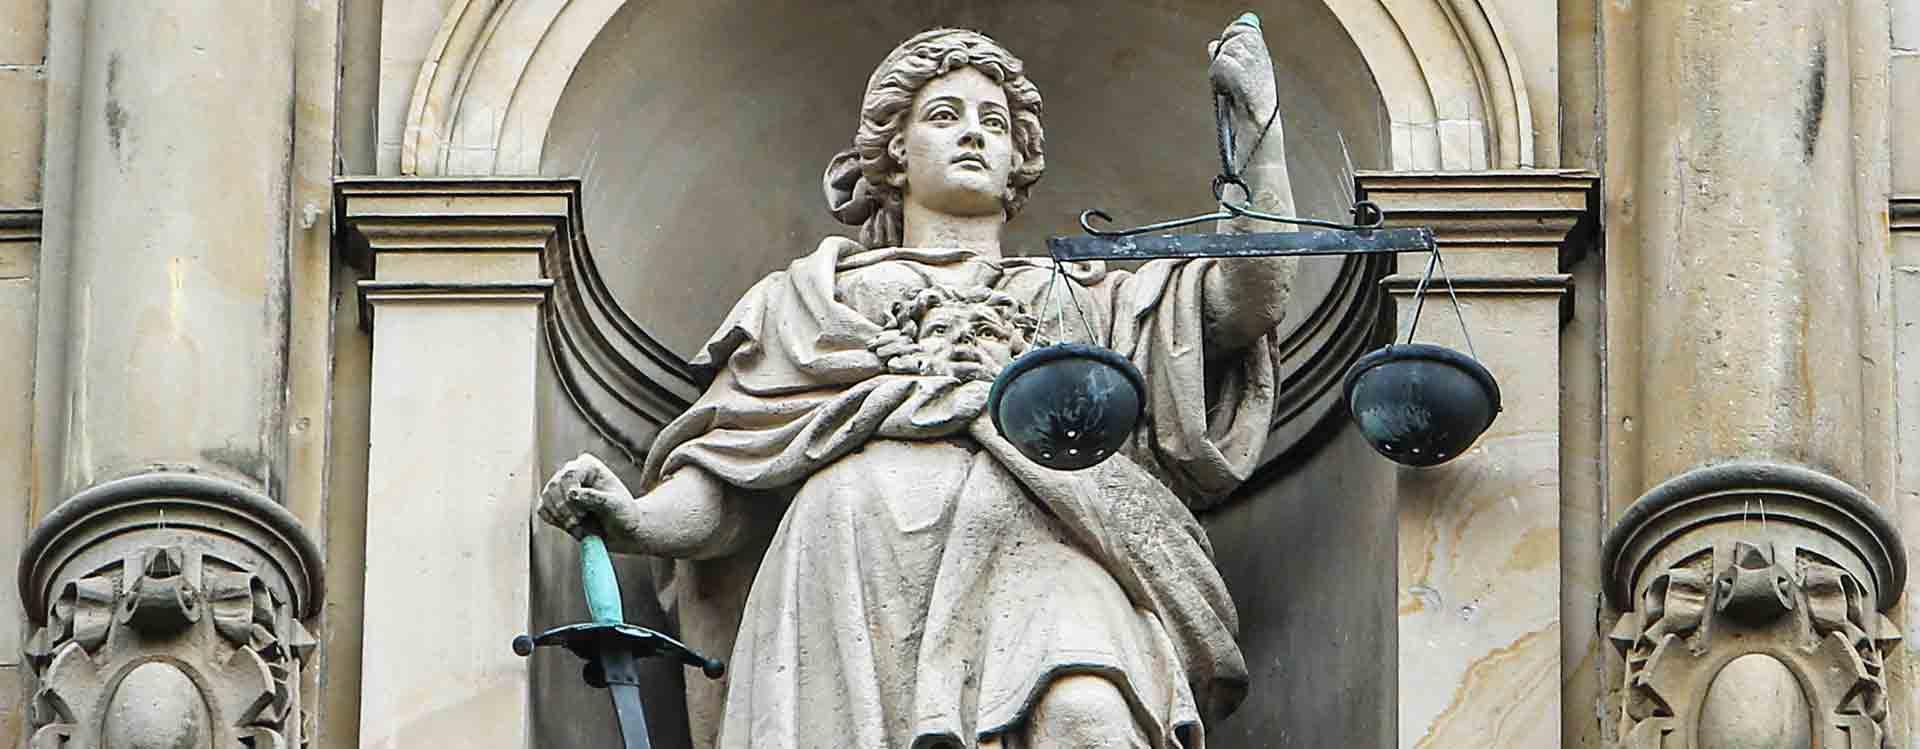 Wiederaufnahmeverfahren in Strafsachen | Strafverteidigung in Hamburg und bundesweit!